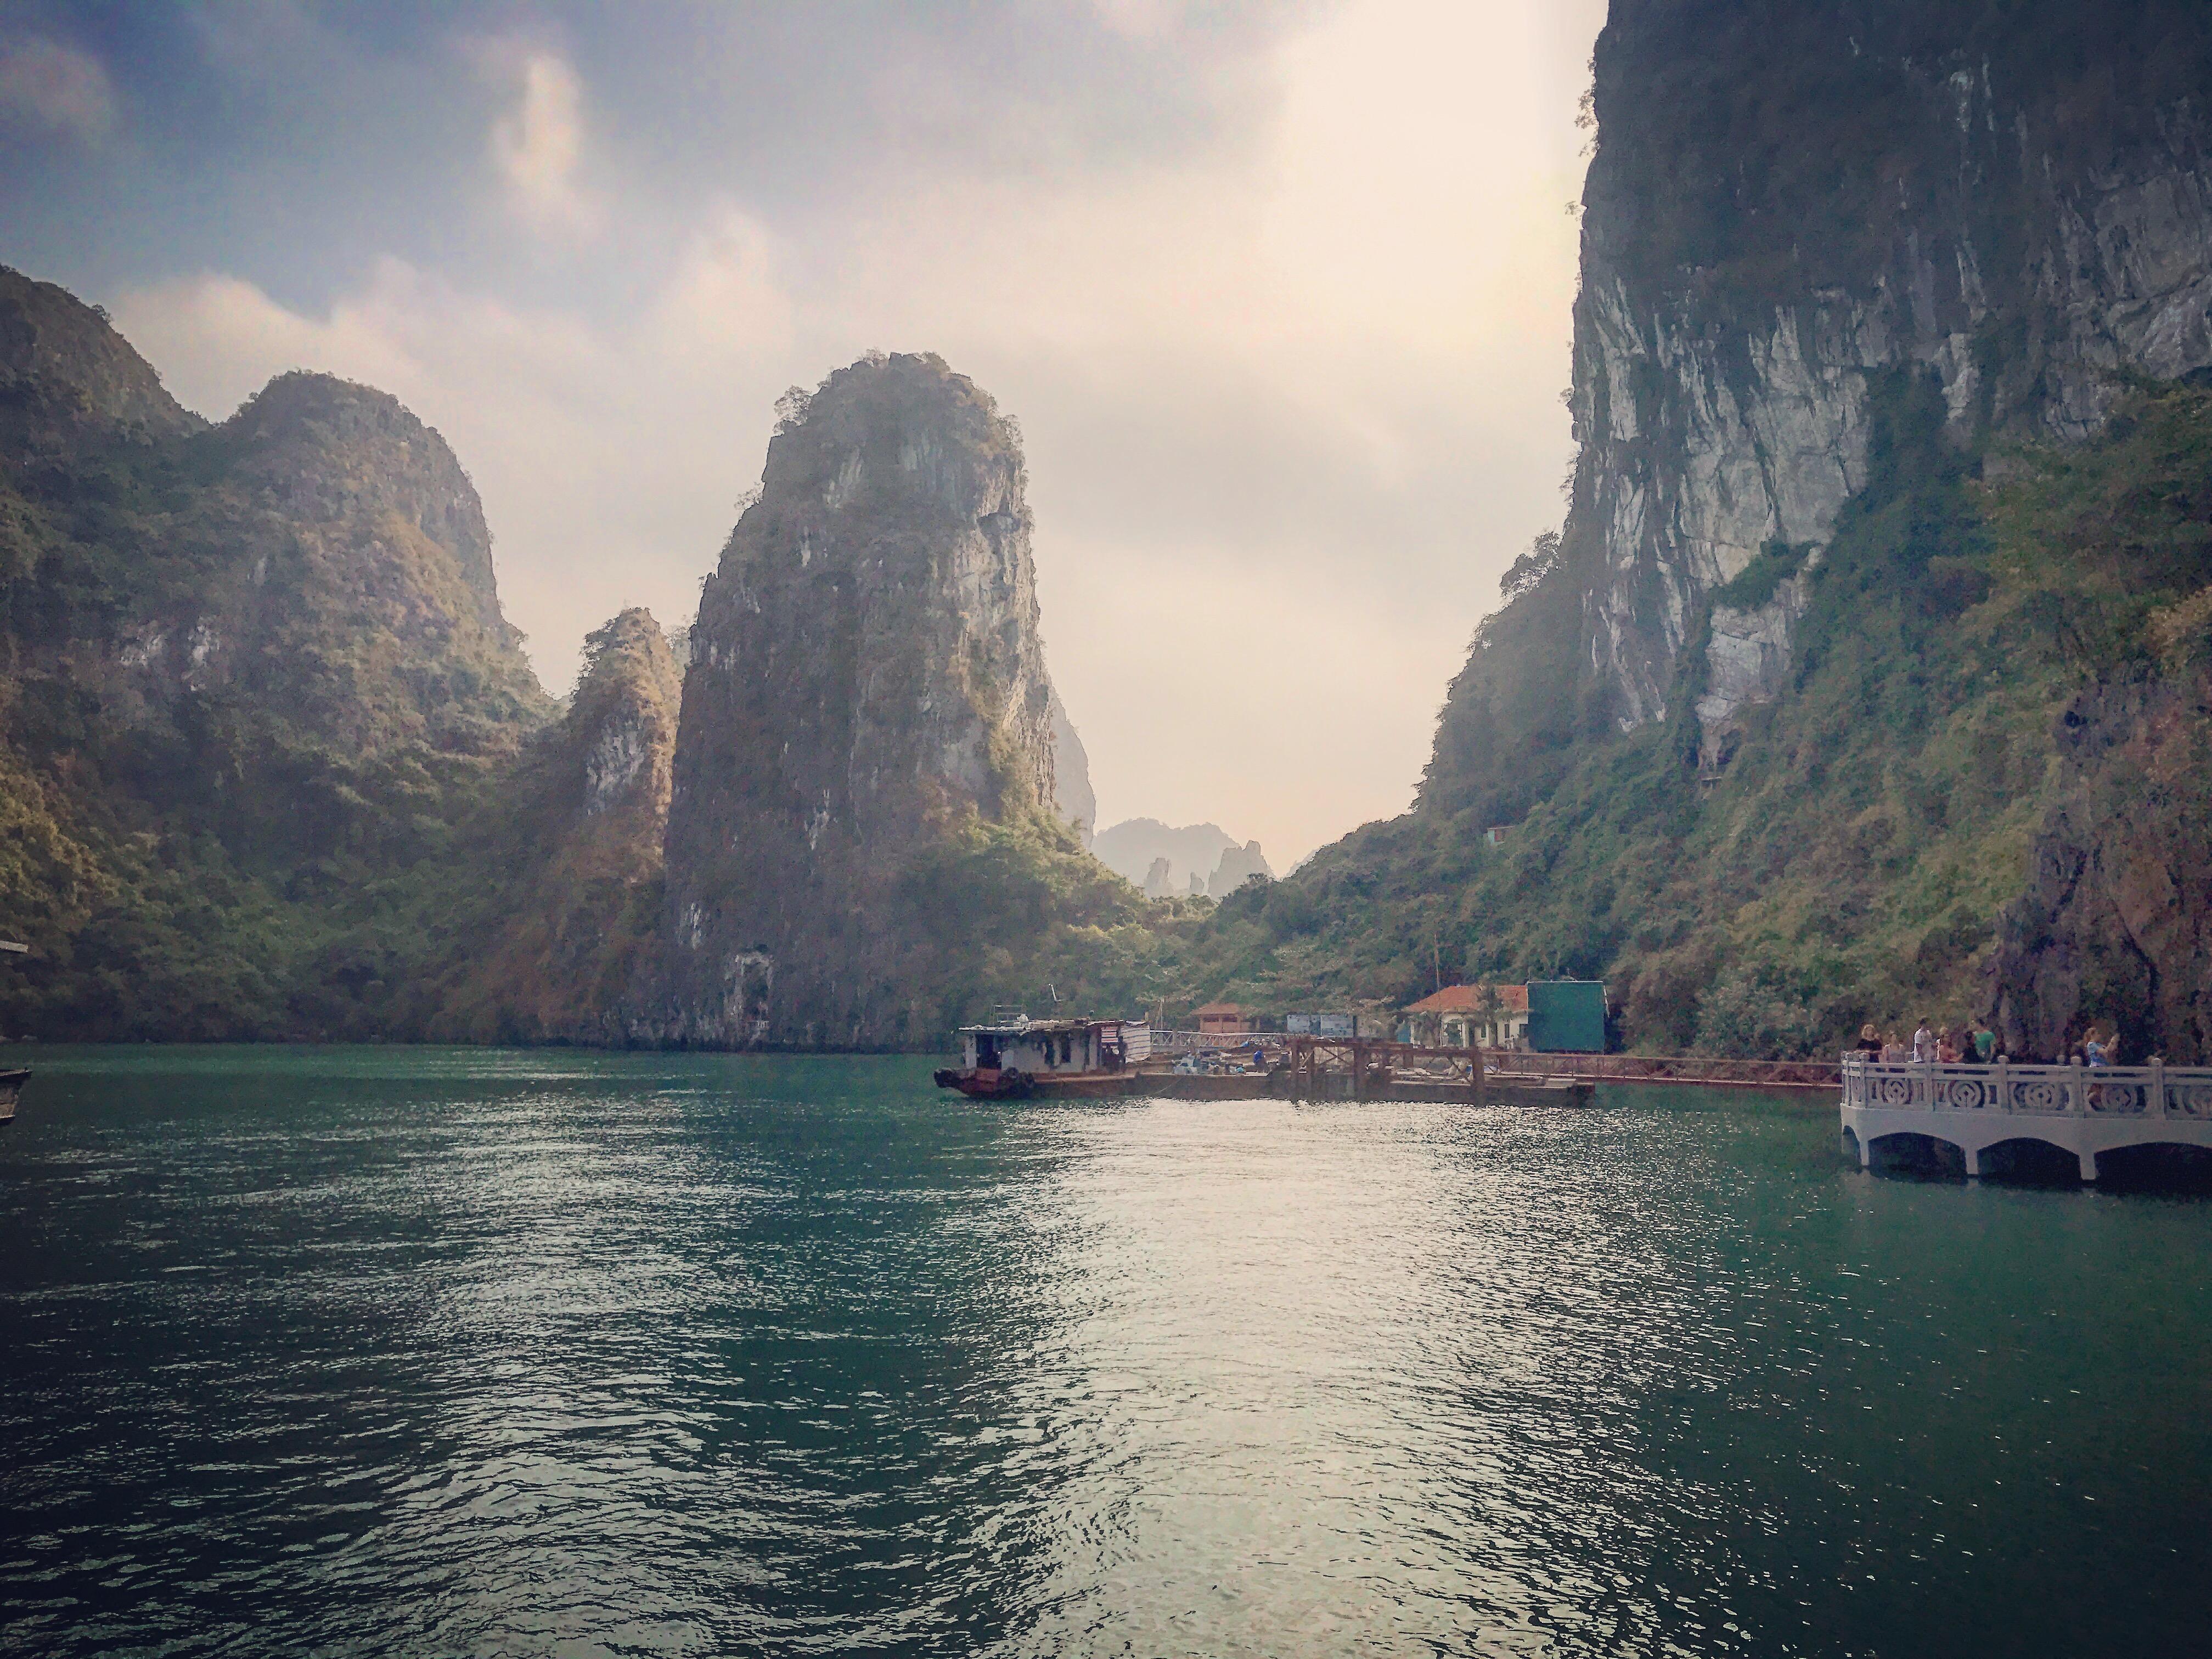 HalongBay at Daybreak in Vietnam